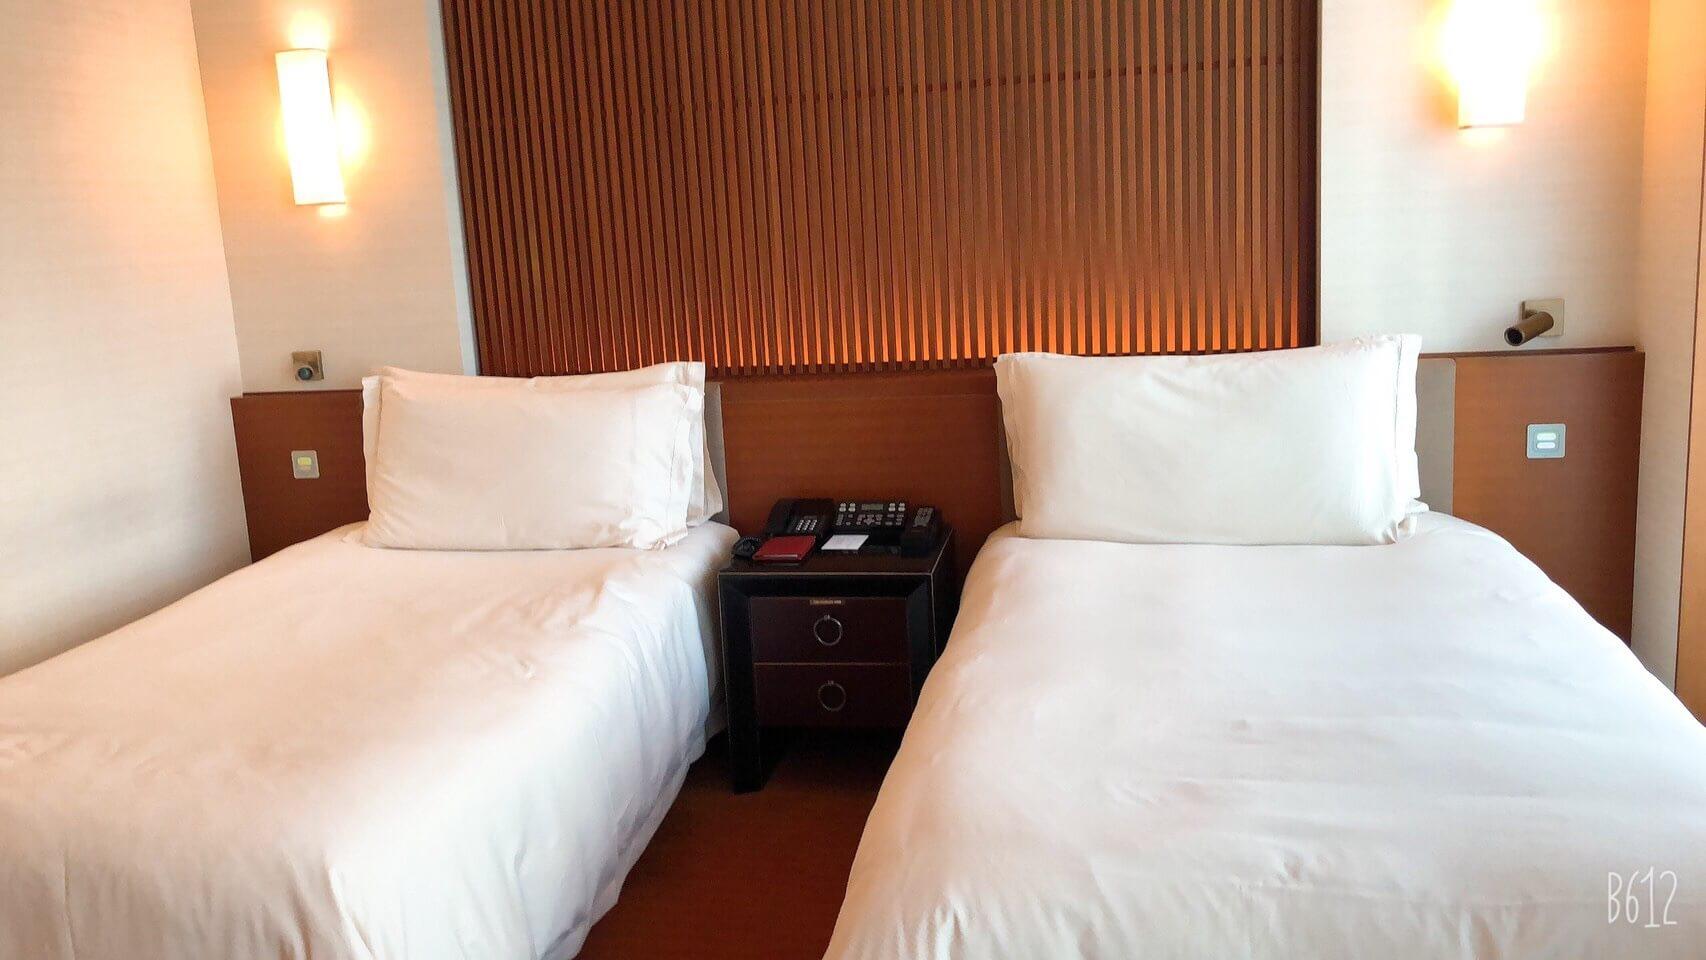 ペニンシュラ宿泊体験記 1ベッドルーム